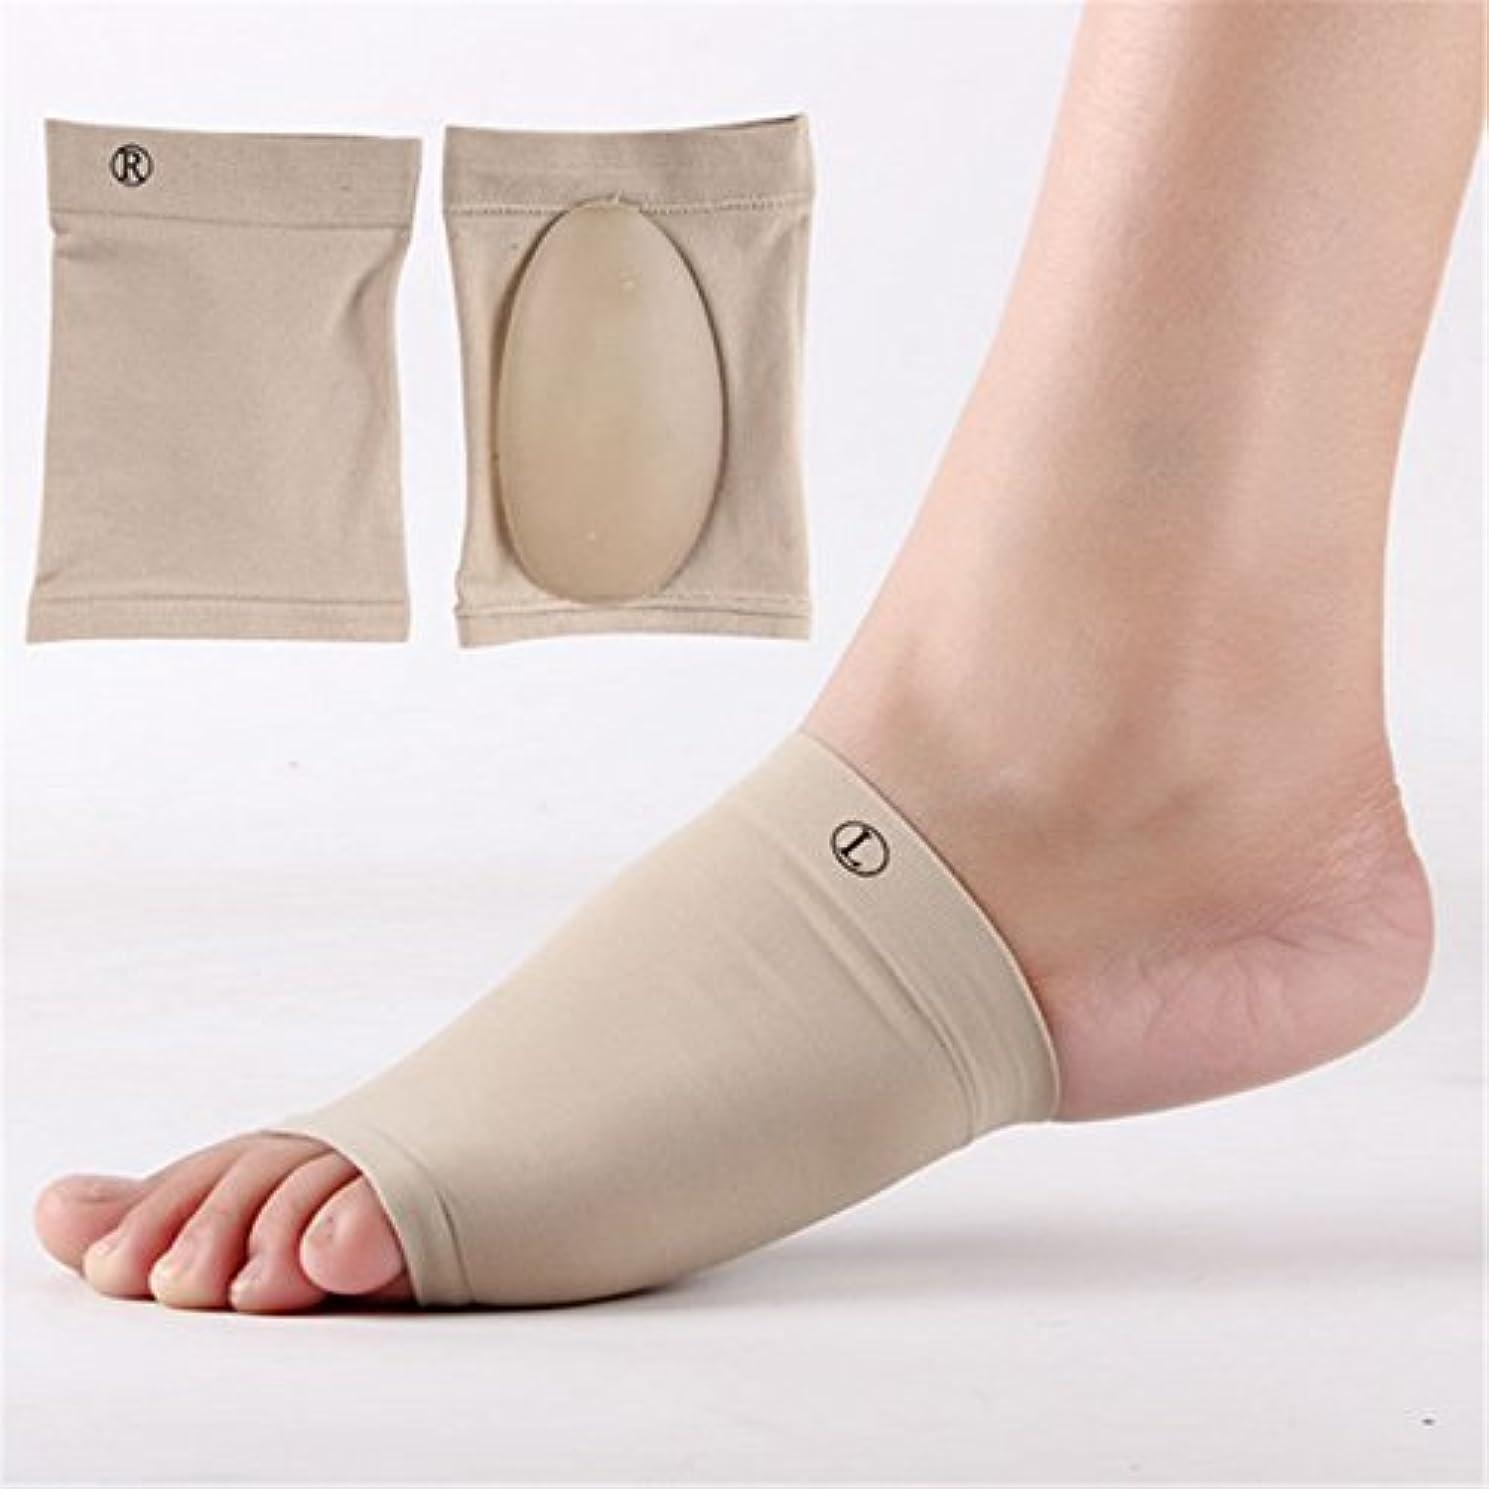 忠実に三角形マーチャンダイザーLorny(TM)1Pairジェル足底筋膜炎アーチサポートスリーブアーチソックスかかとクッションフラット足の整形外科靴パッドフットケア [並行輸入品]